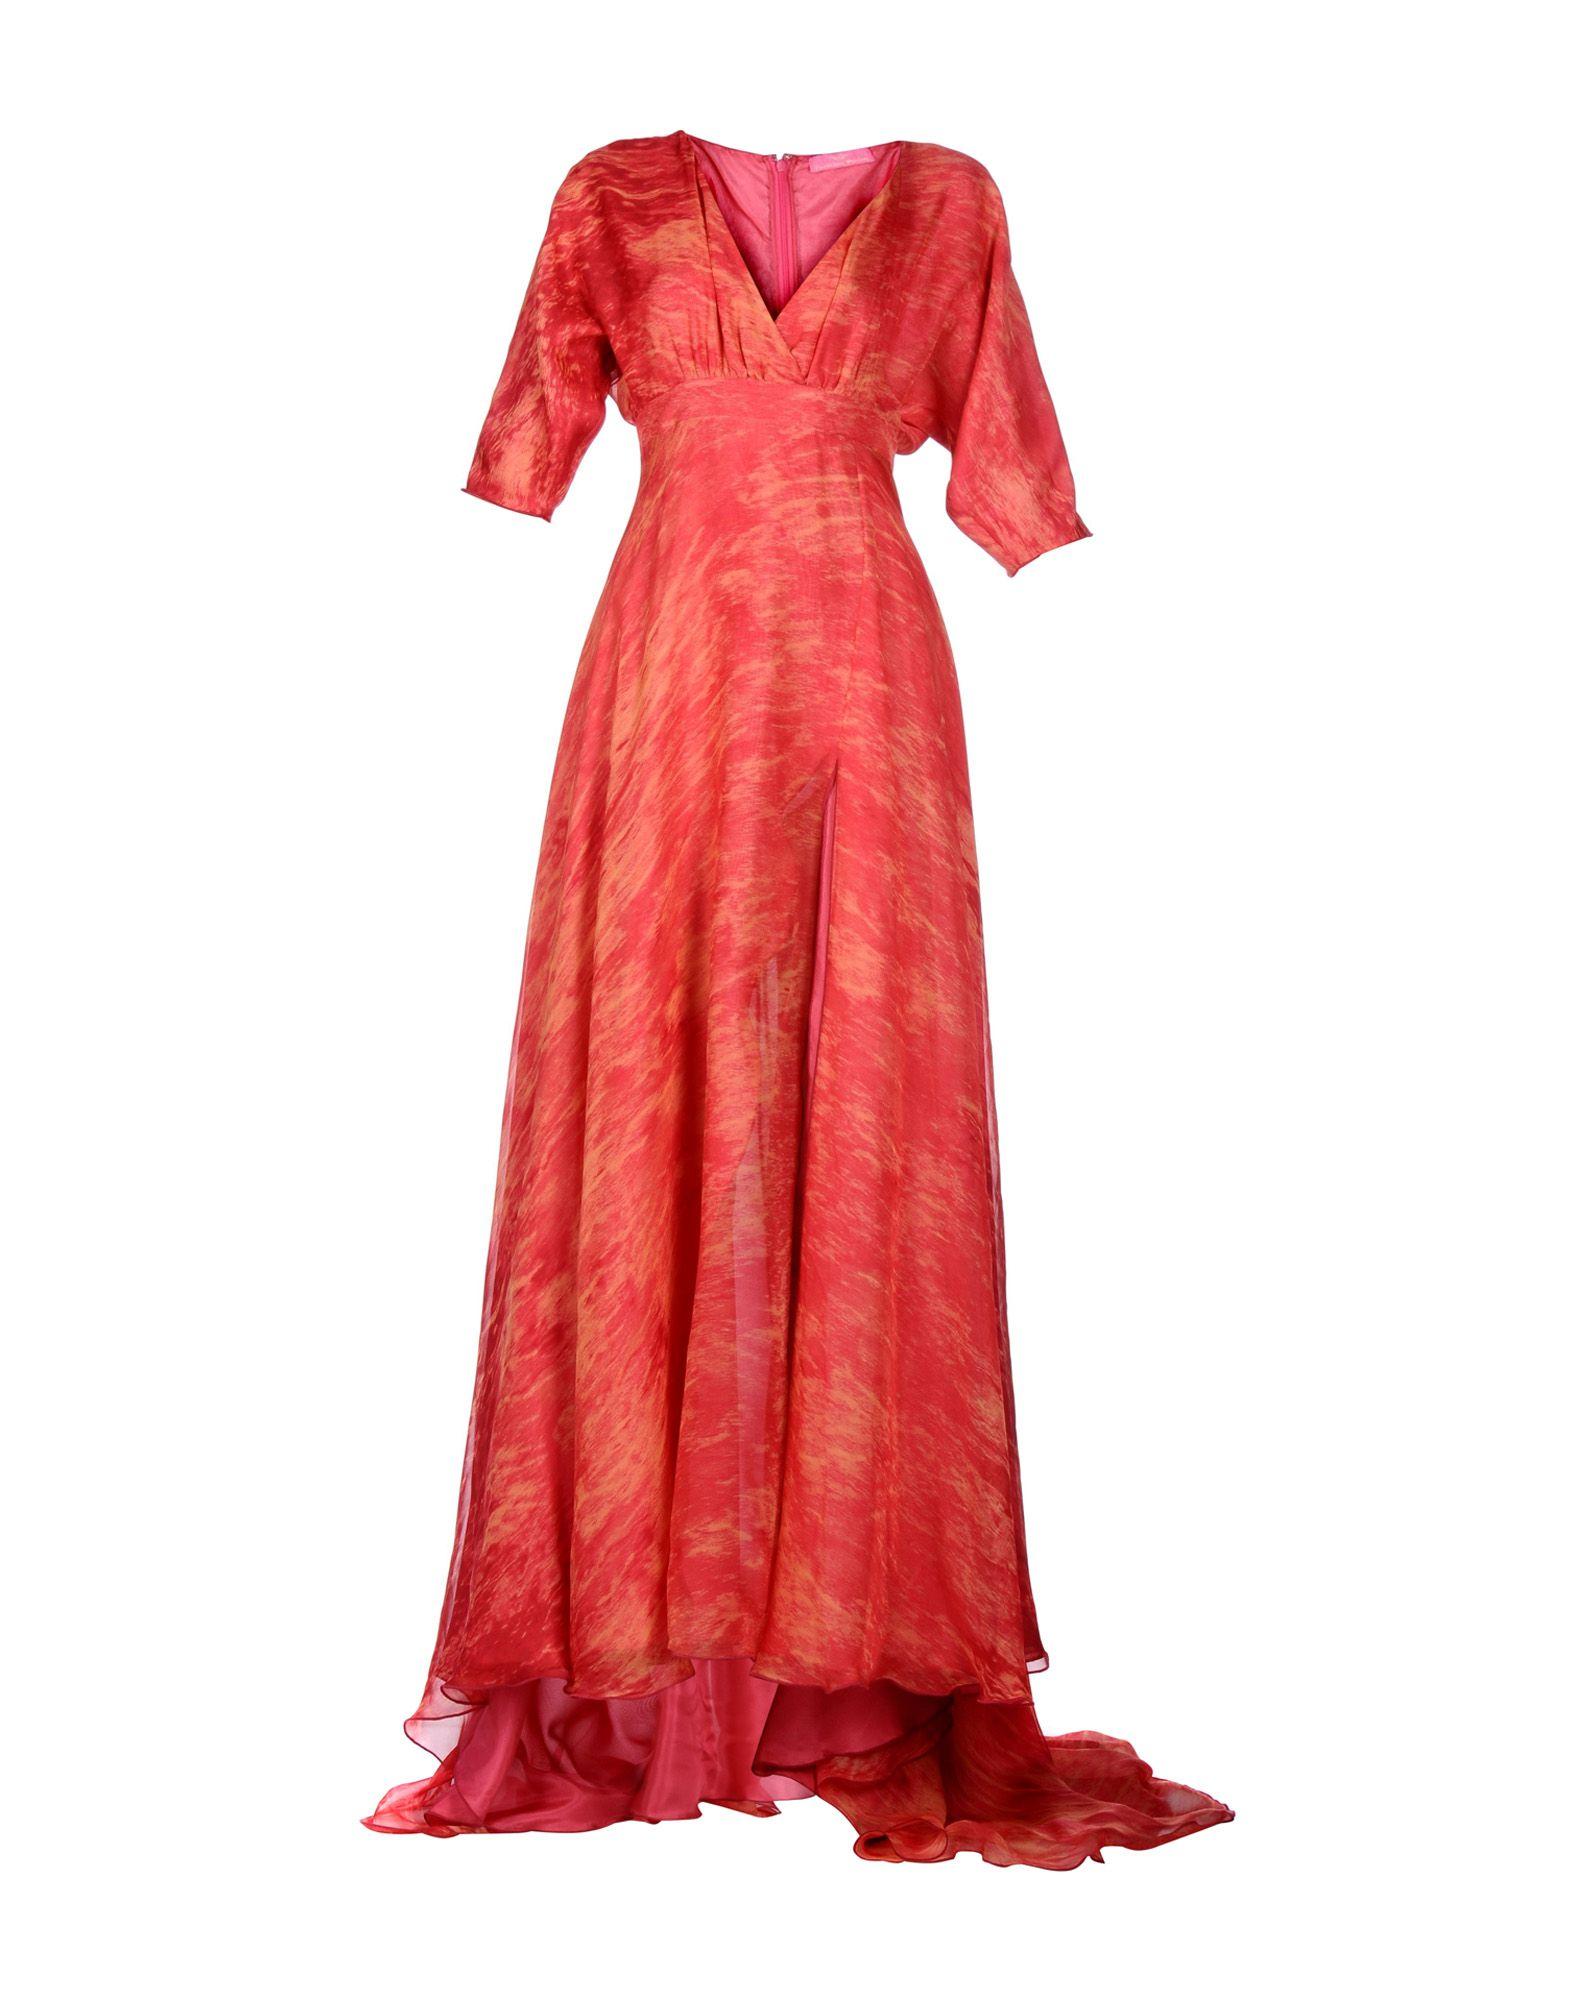 FRANCESCA PICCINI Длинное платье платье короткое спереди длинное сзади летнее